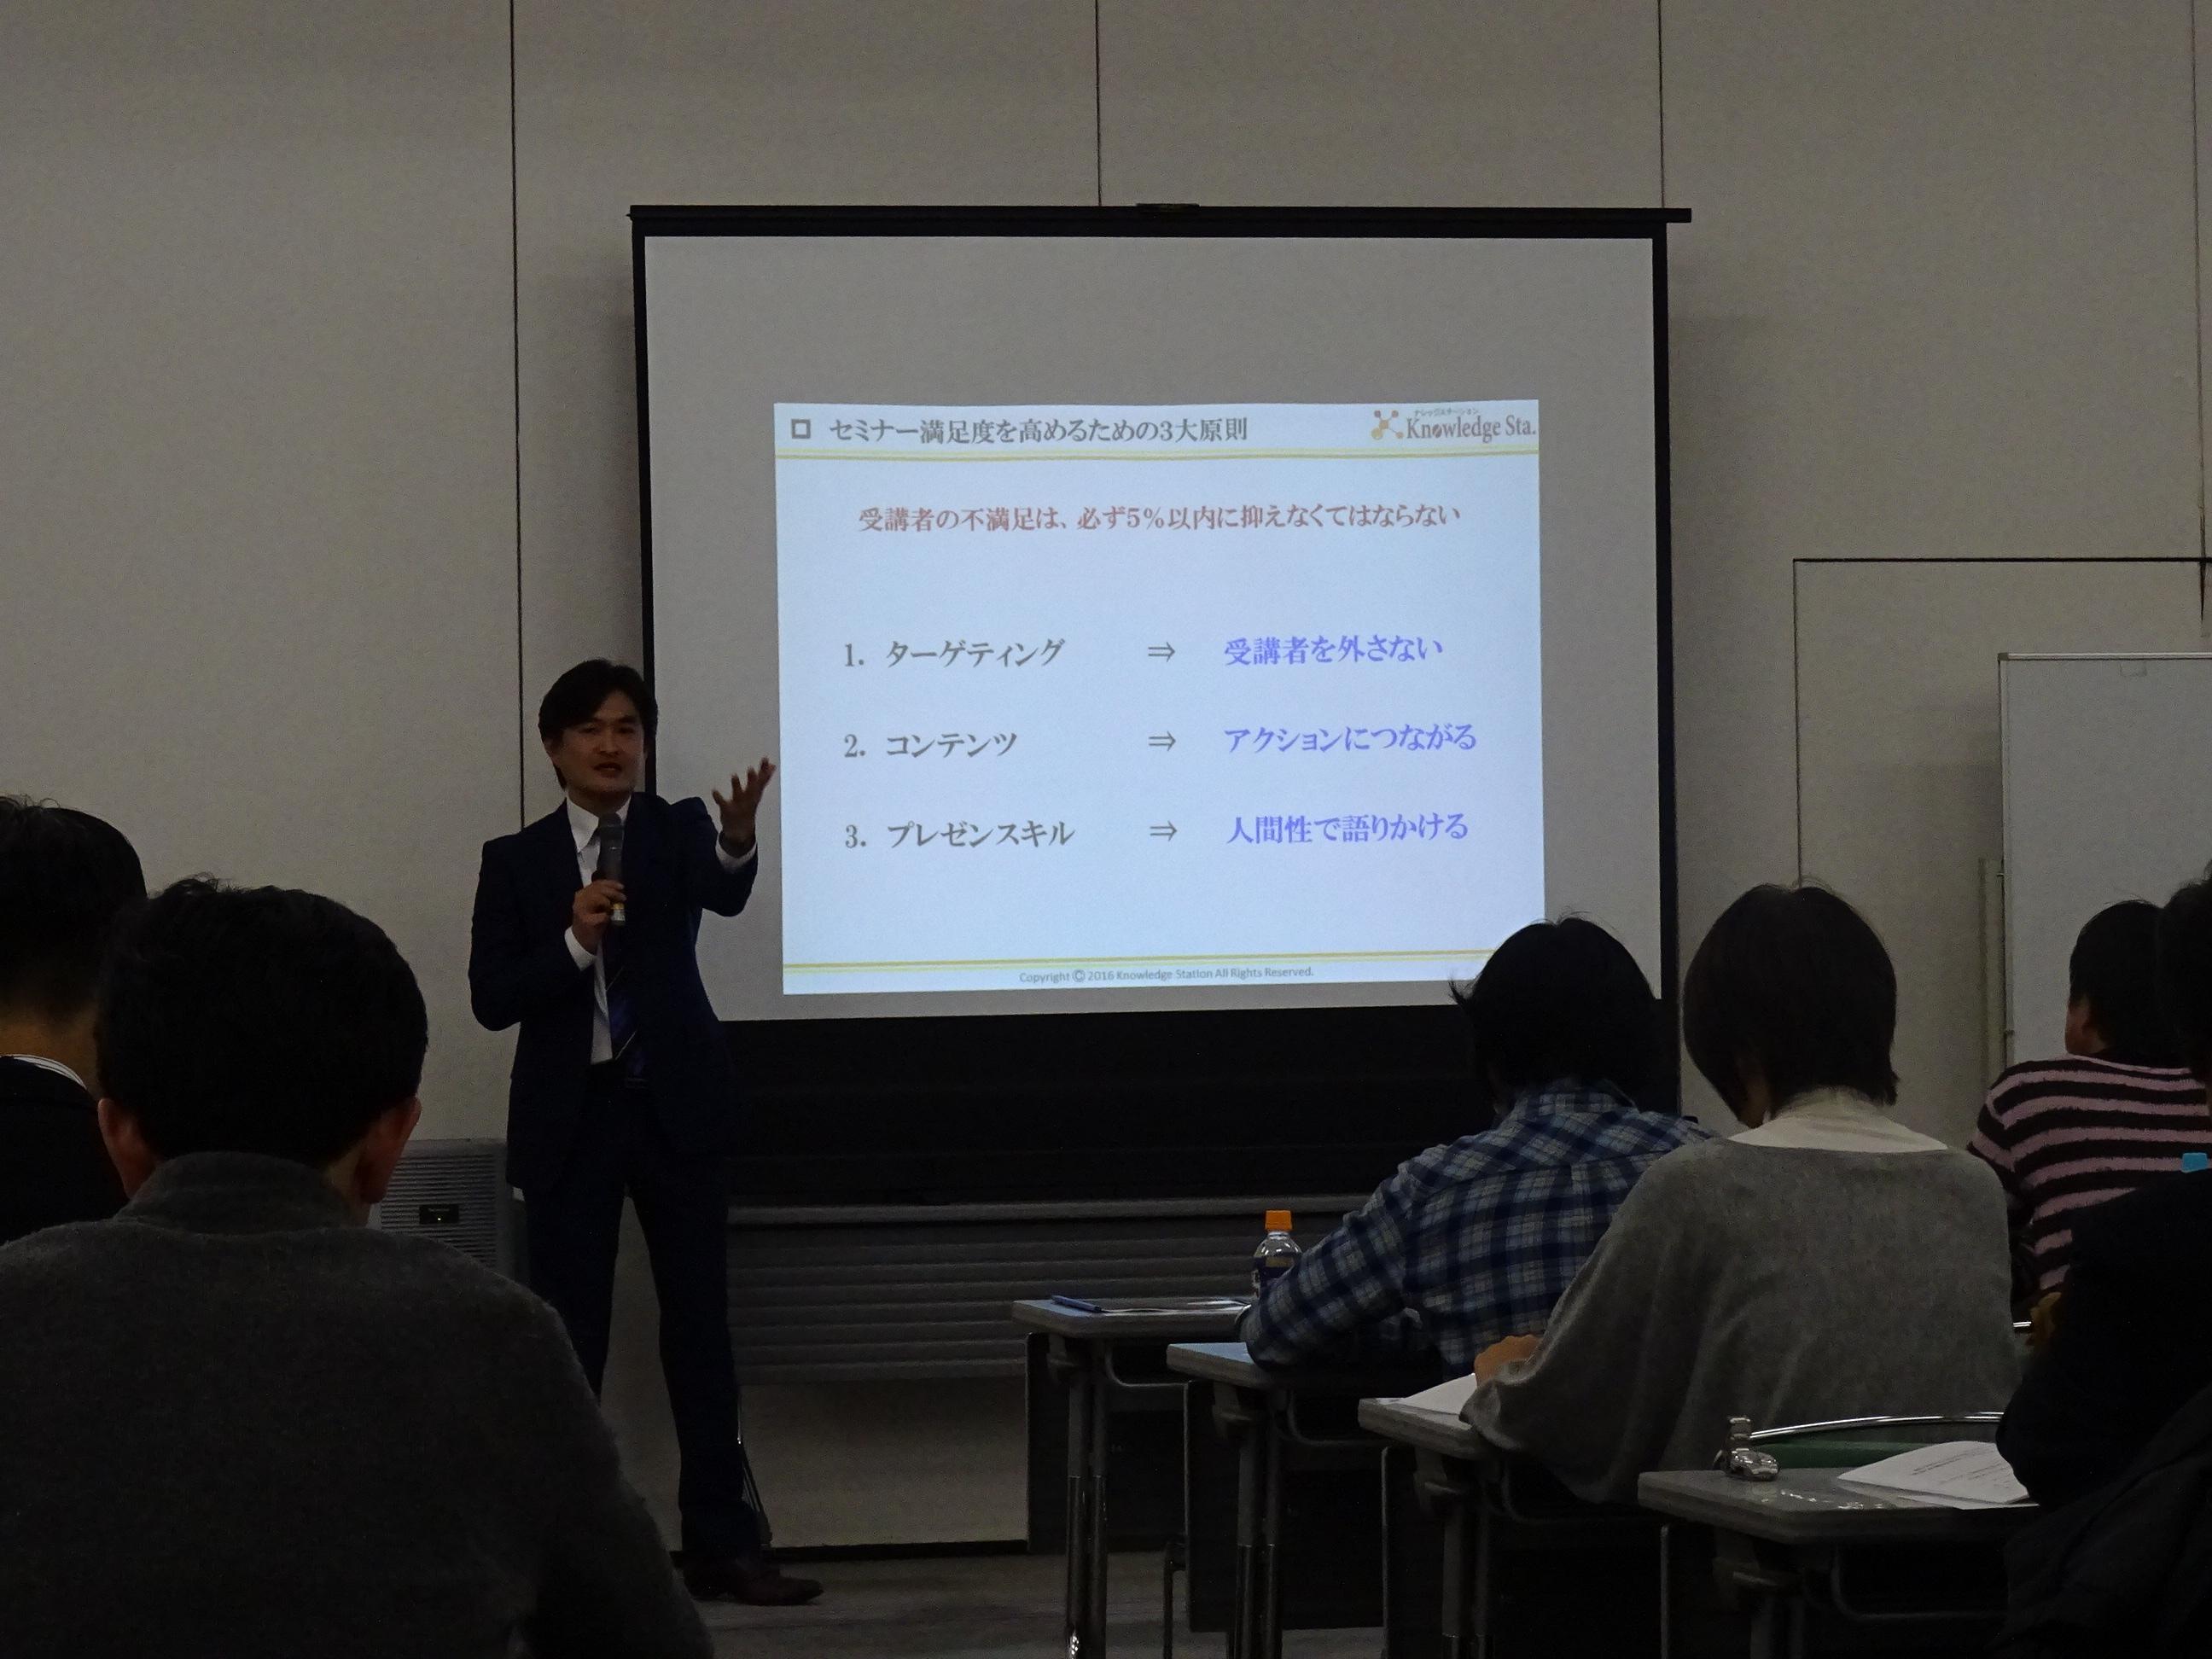 【さいたま】満足度の高い講師になるためのセミナーの作り方画像03